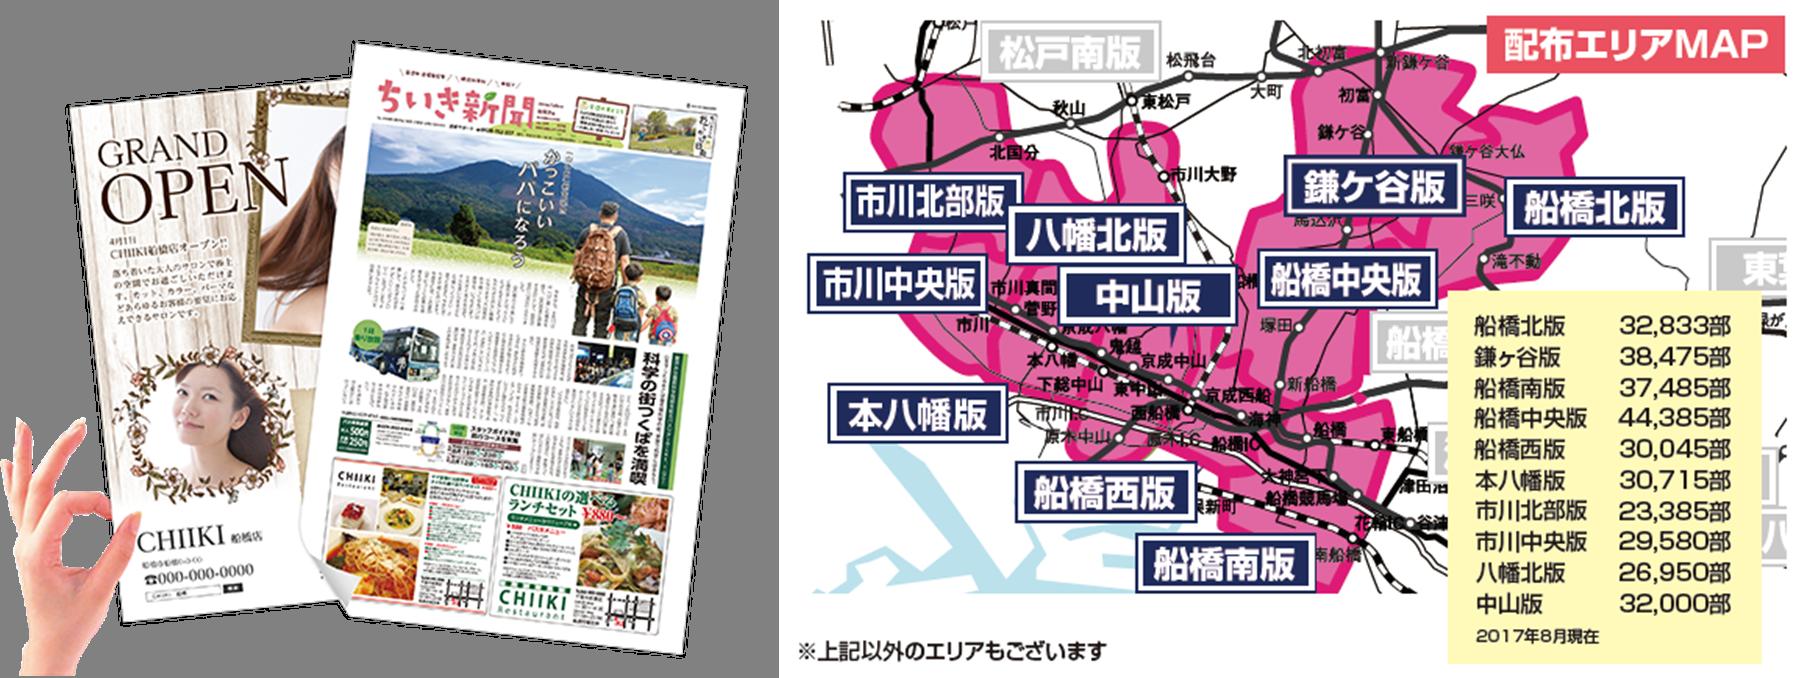 【千葉県 ポスティングエリアMAP・部数一覧】